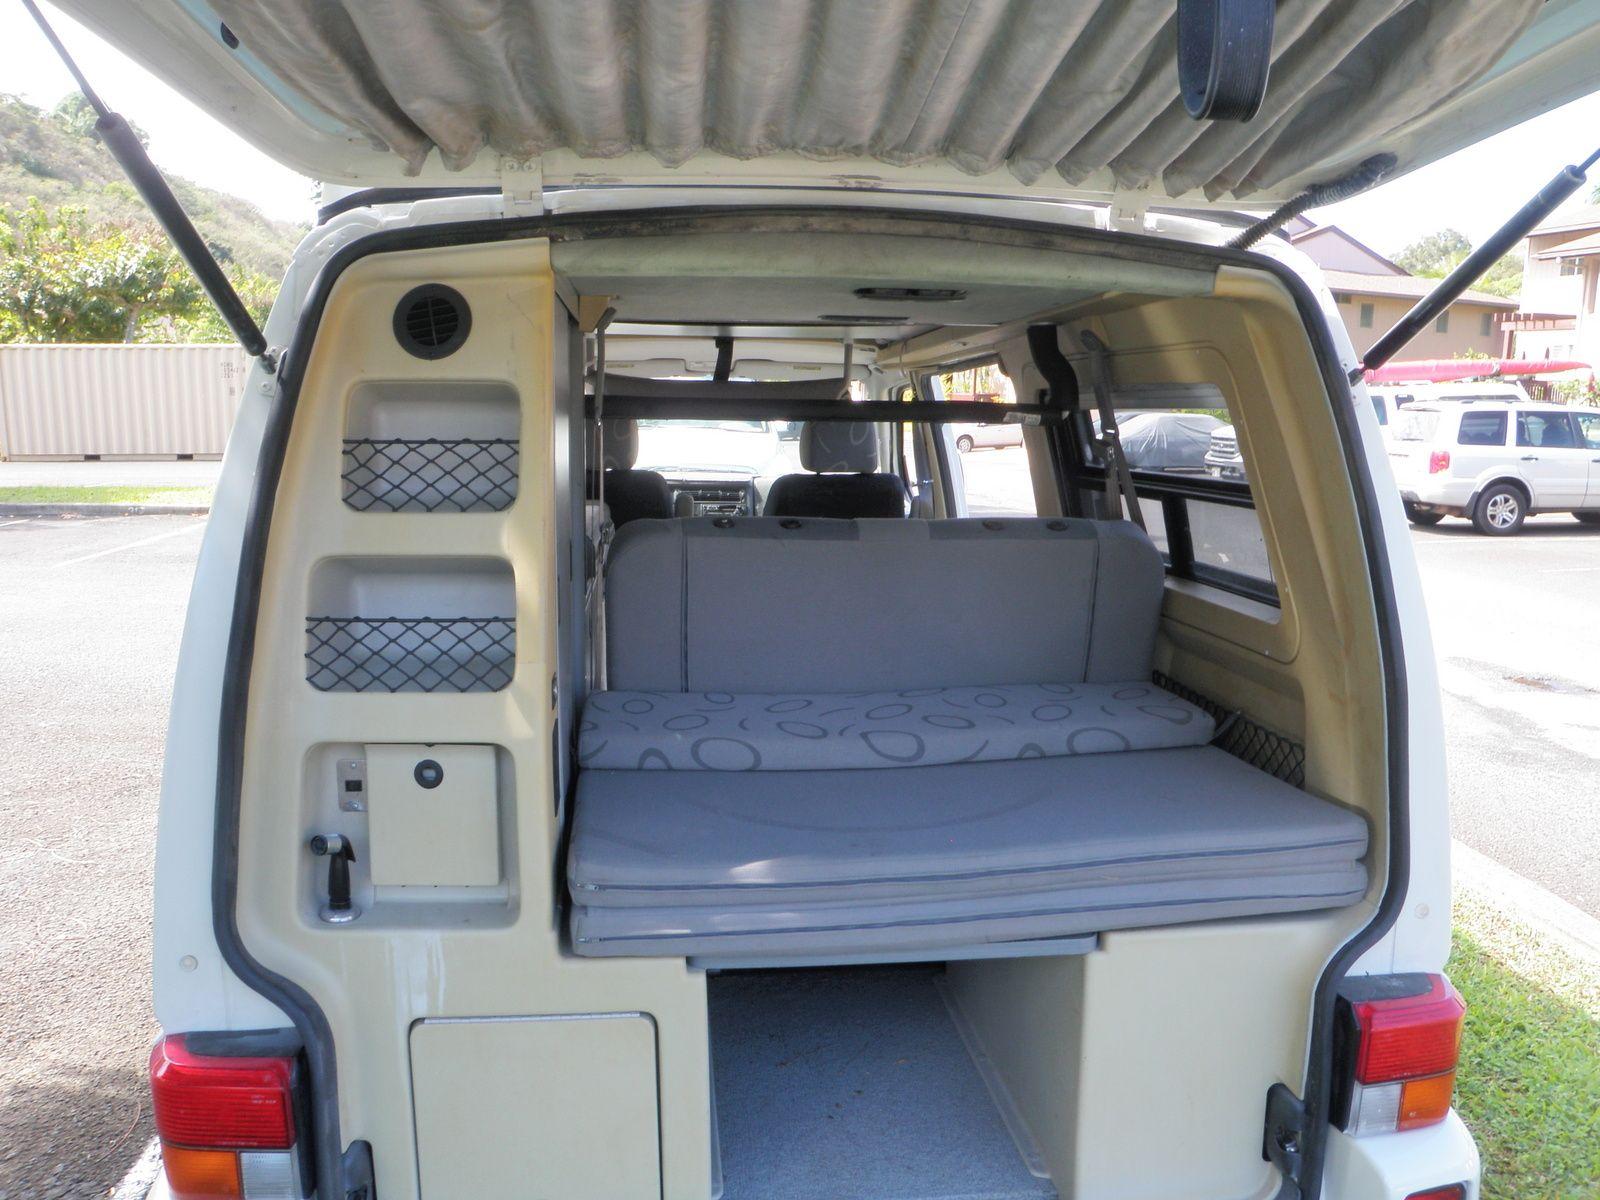 Chevy Astro Van Camper Conversion Google Search